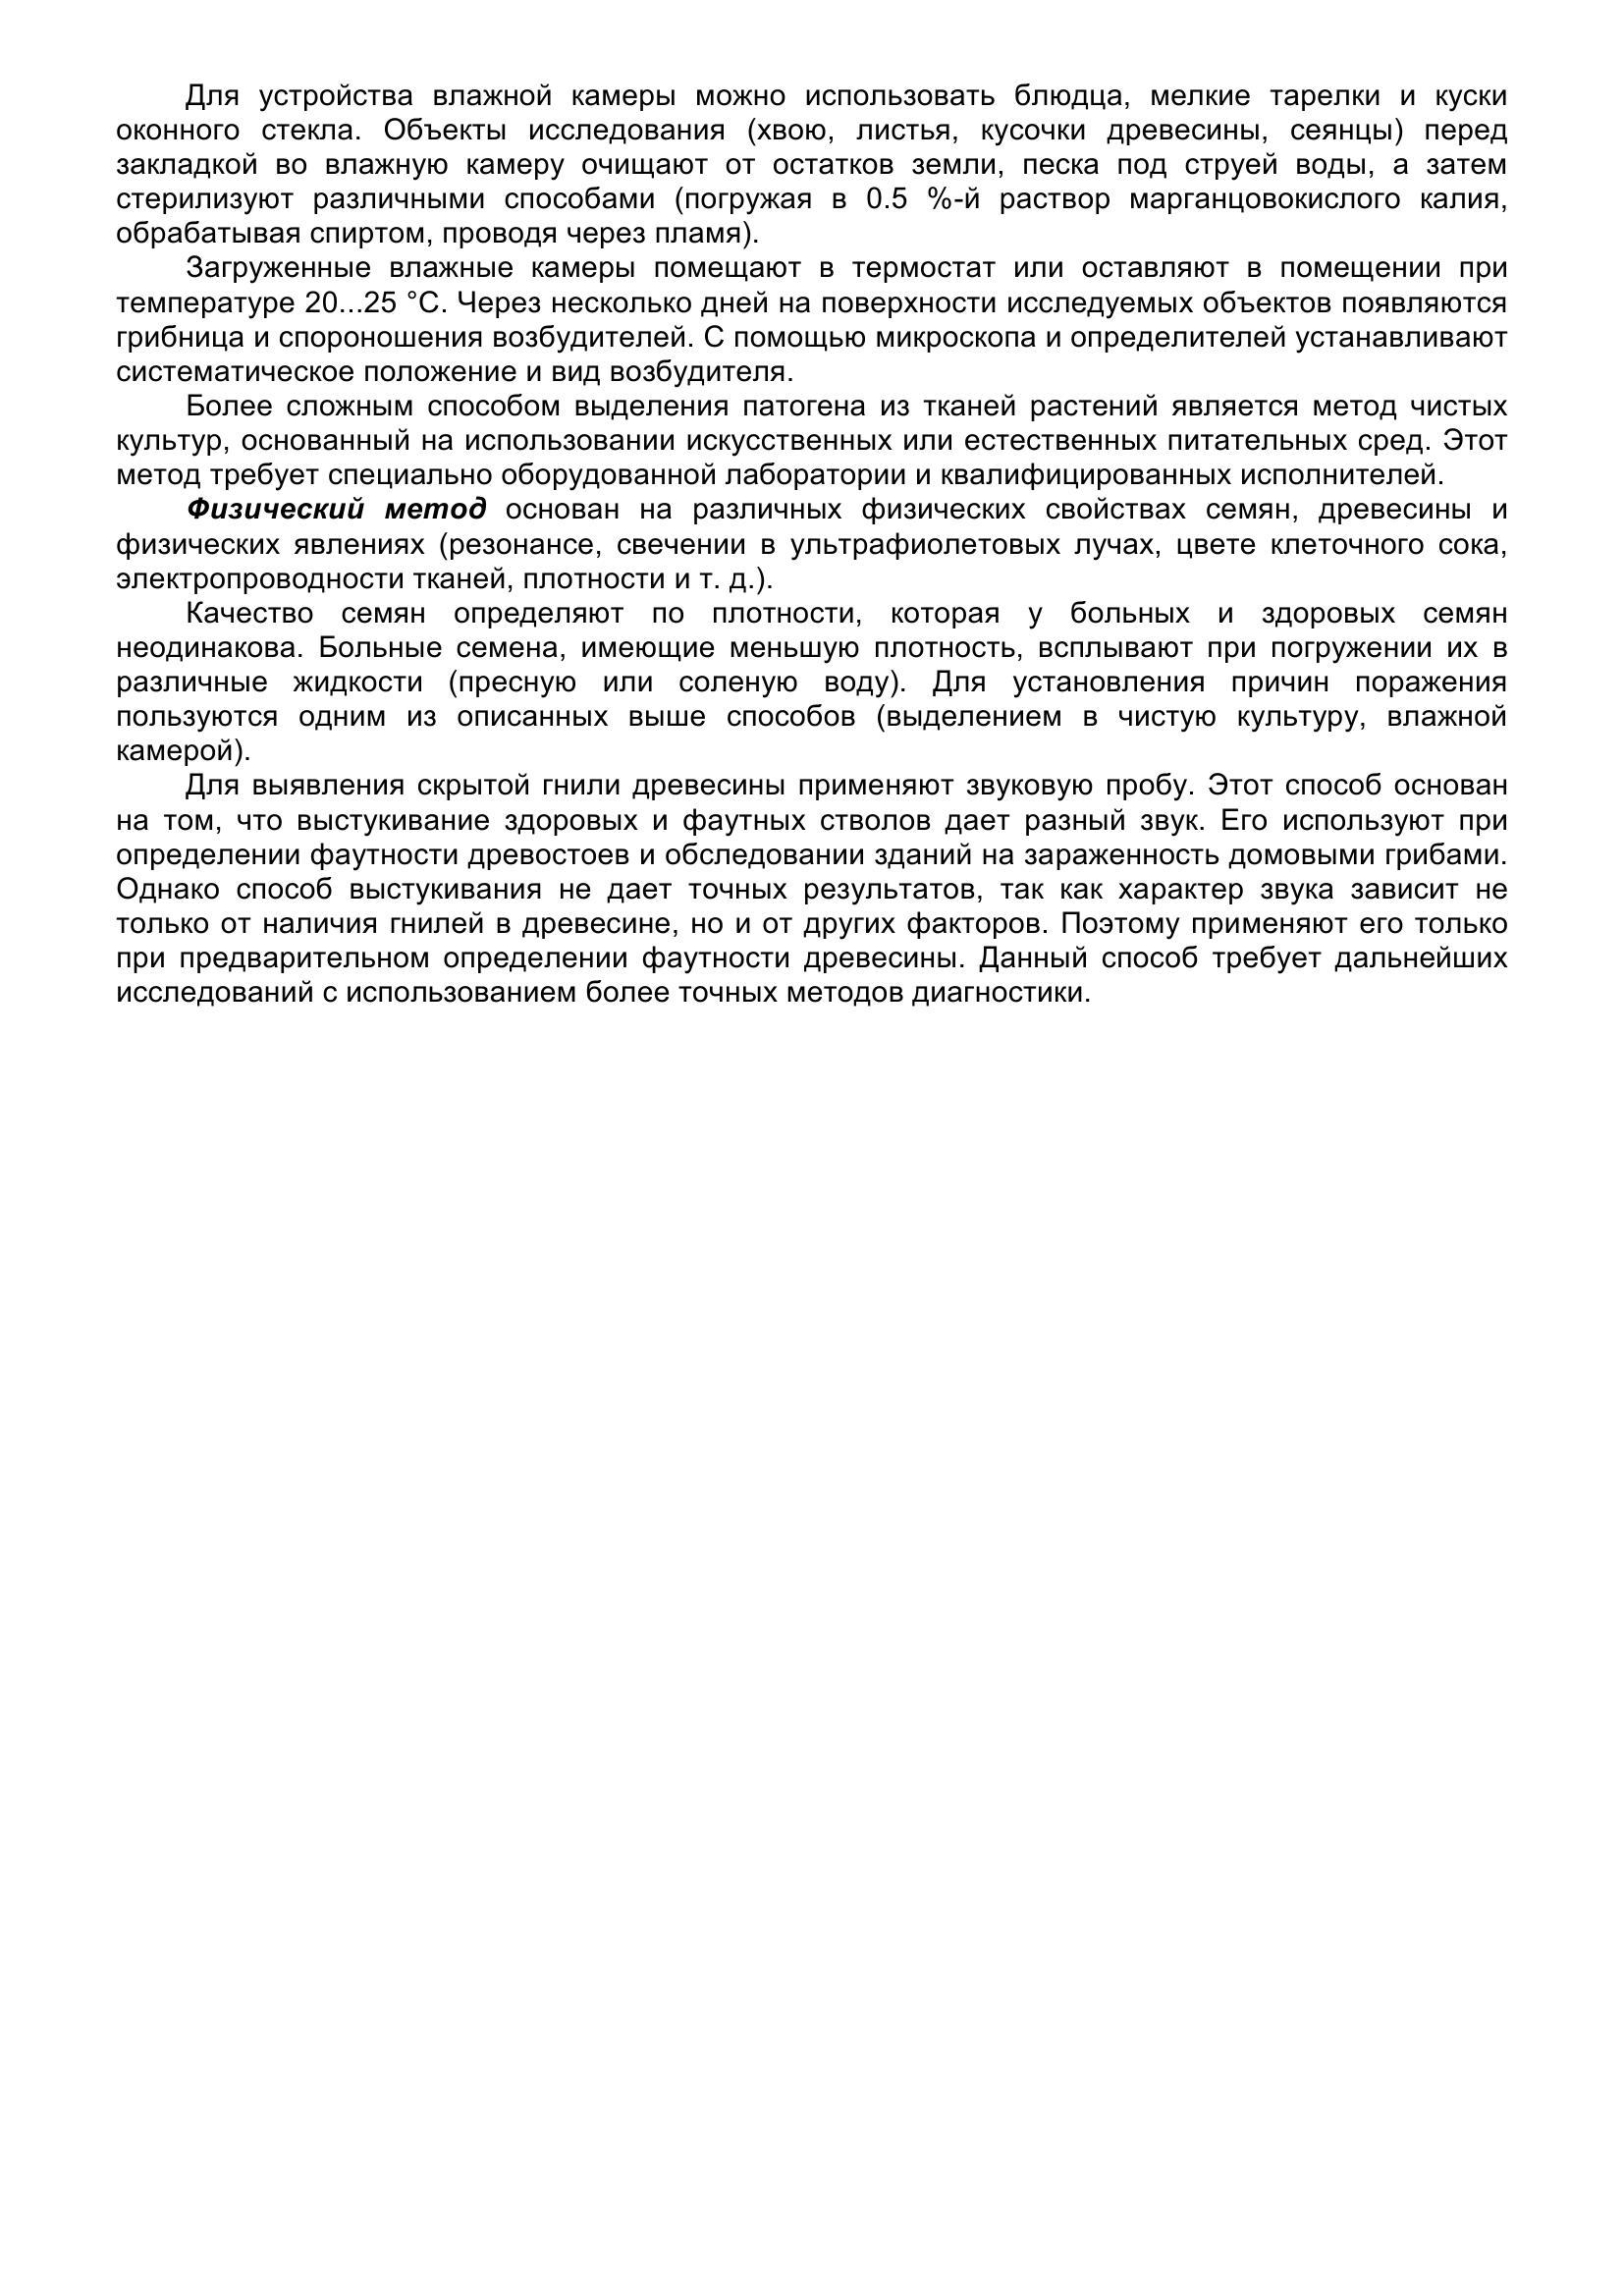 Болезни_древесных_растений_027.jpg